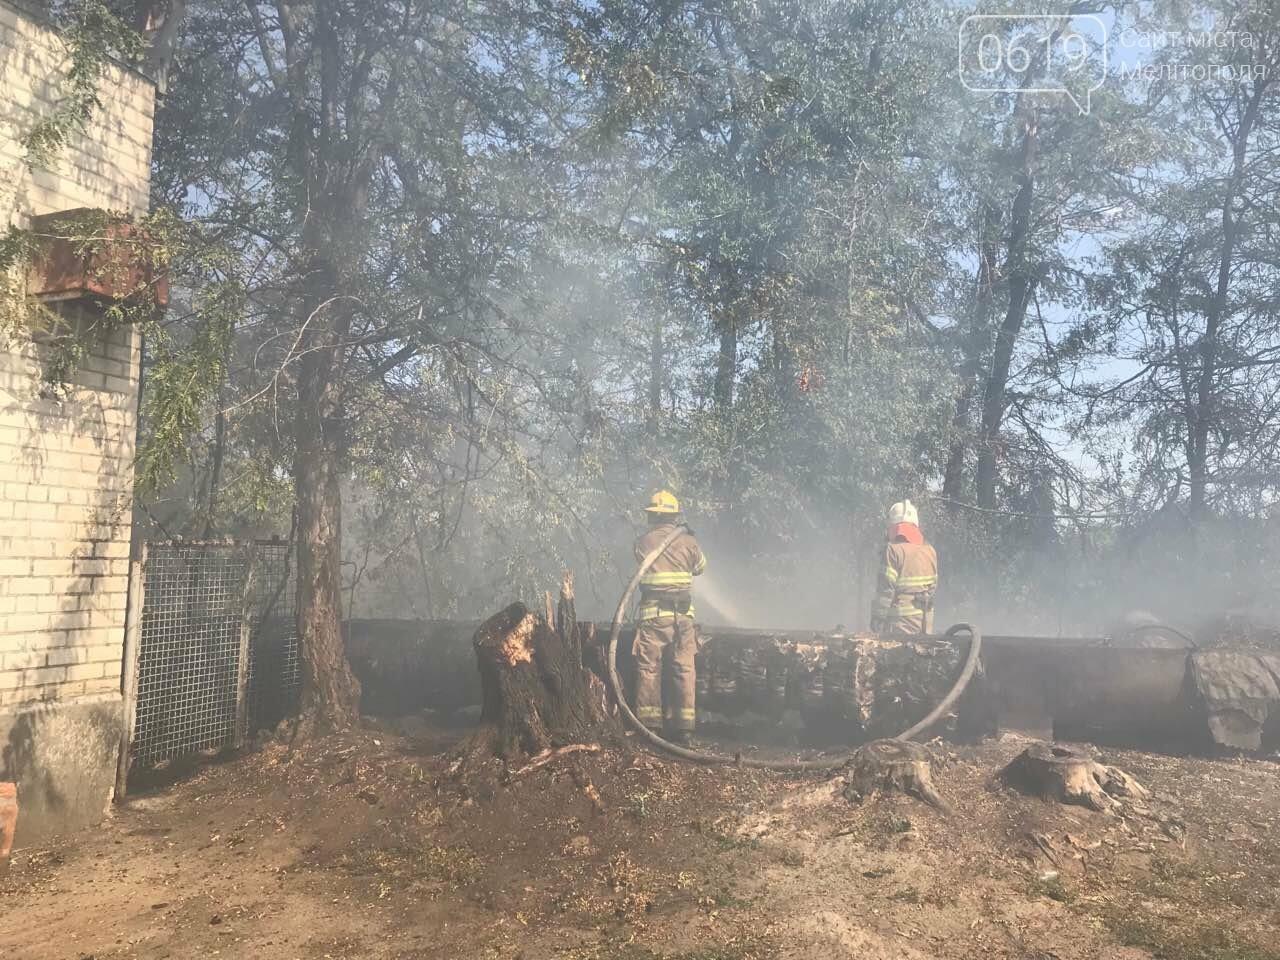 Микрорайон в дыму: в Мелитополе тушат масштабный пожар , фото-5